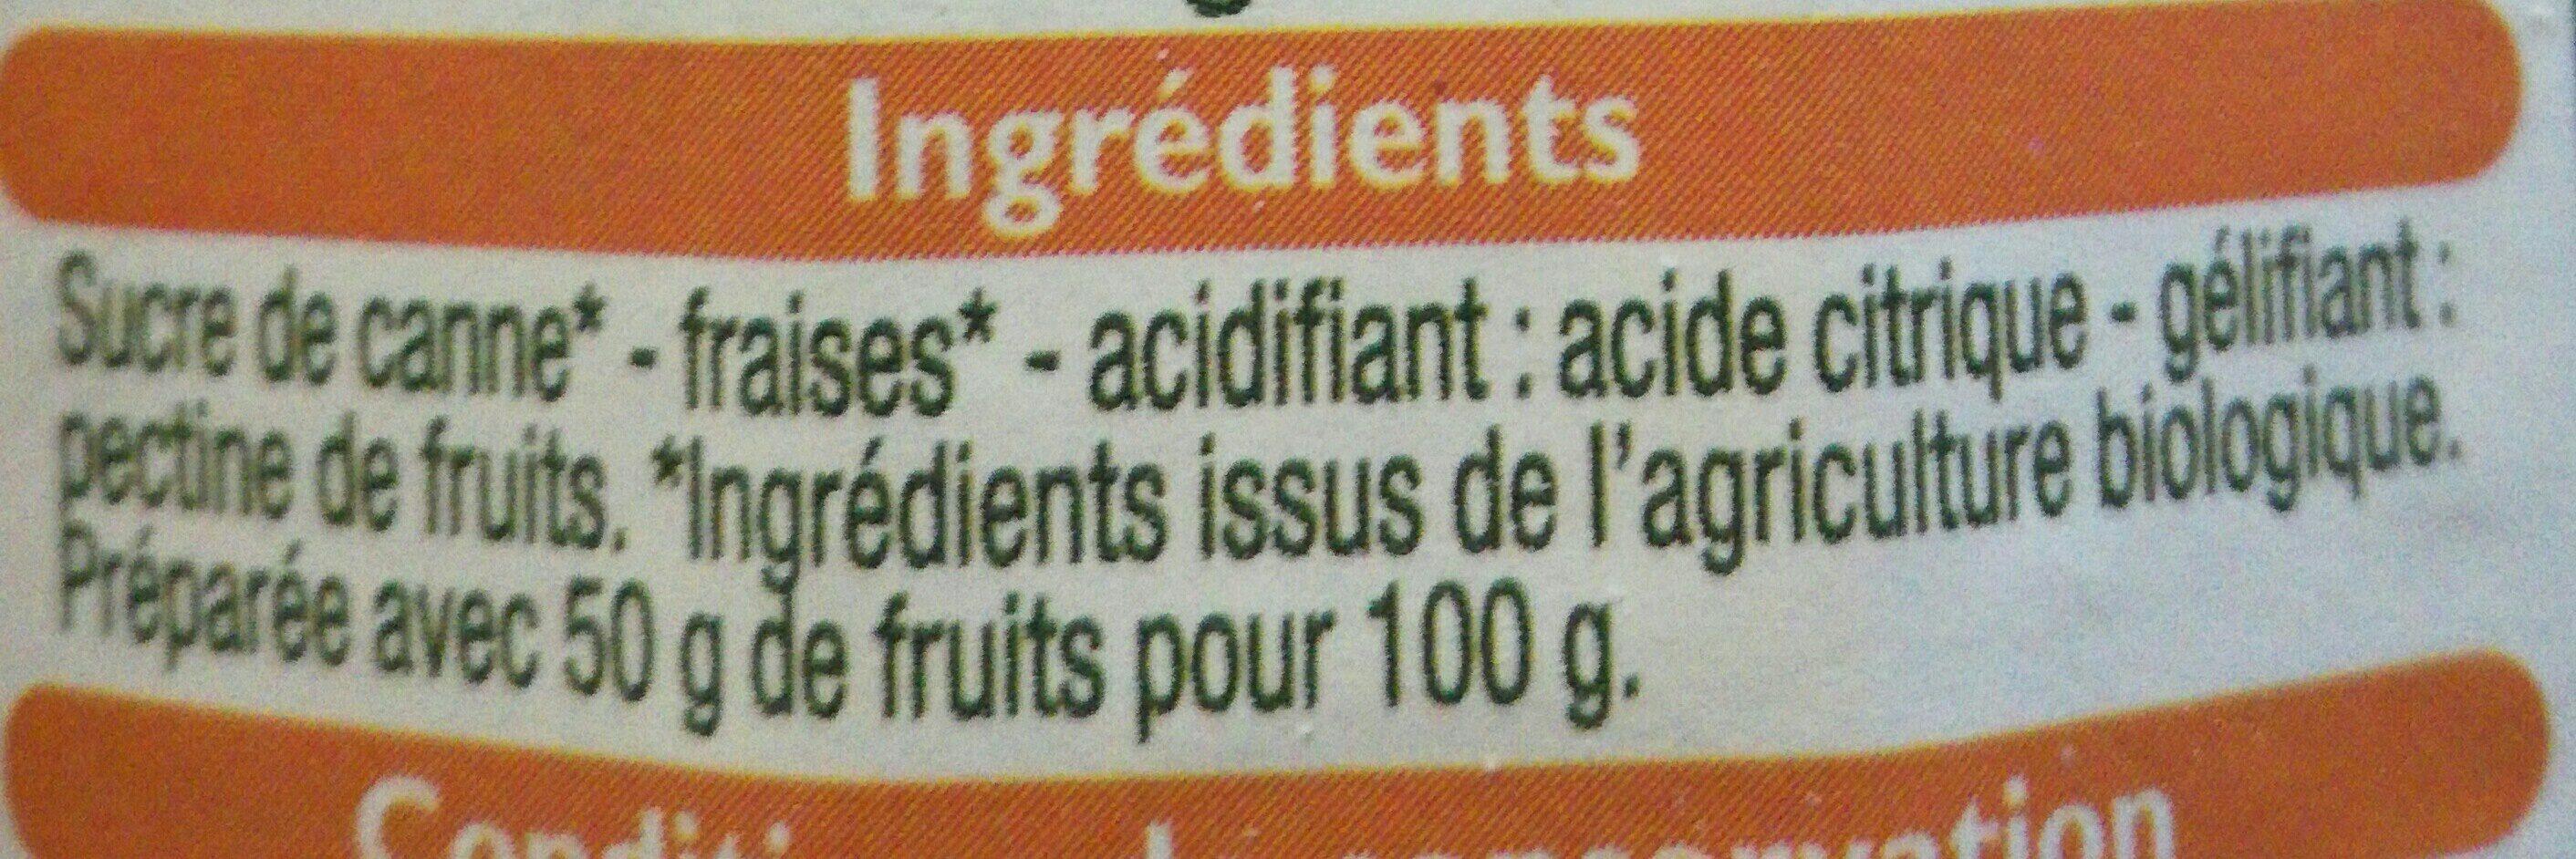 Confiture fraise - Ingredienti - fr